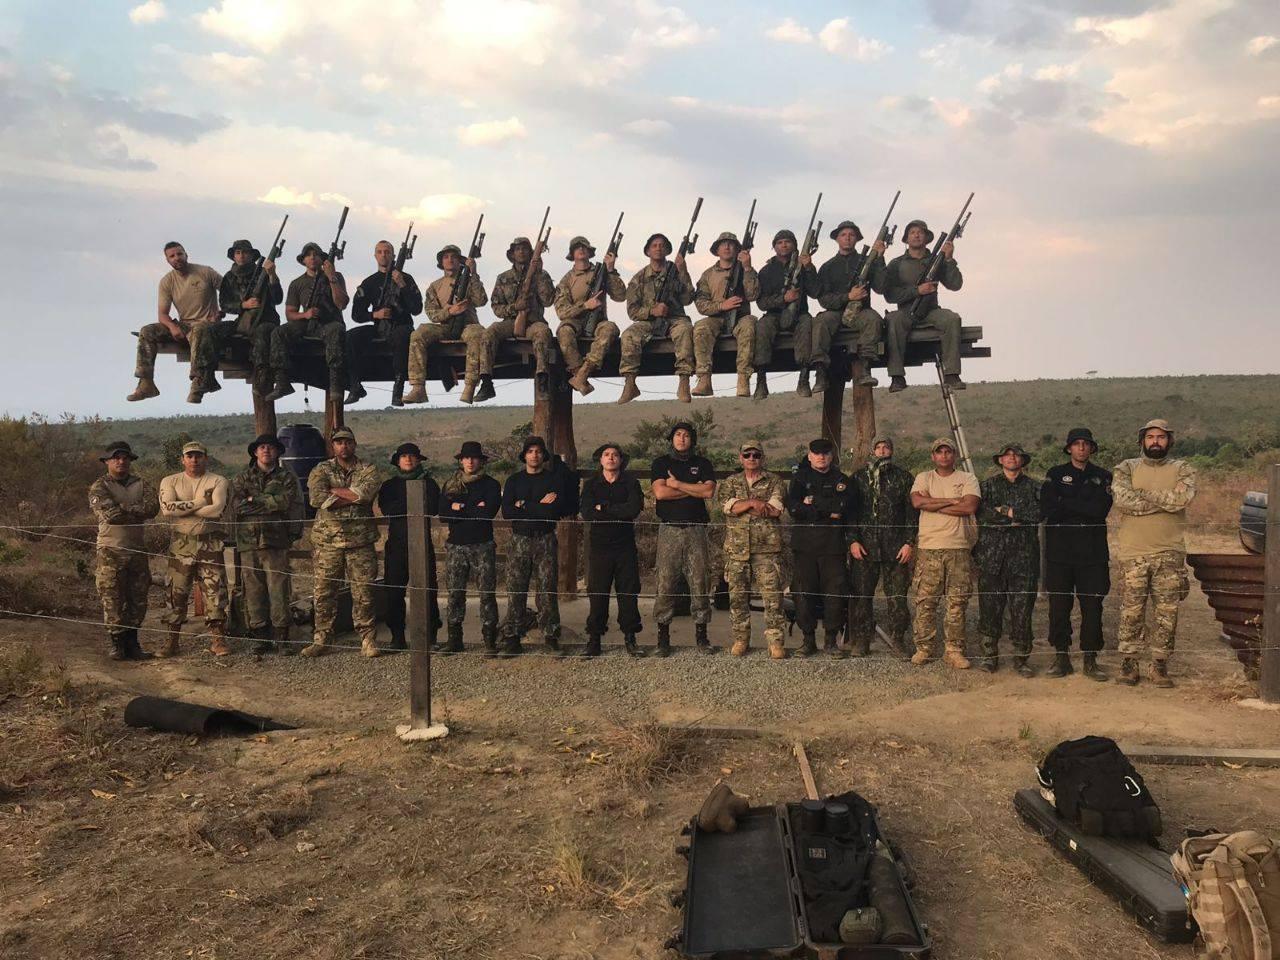 Comando de Operações Táticas (COT) da Polícia Federal, realizou simpósio de atiradores de precisão